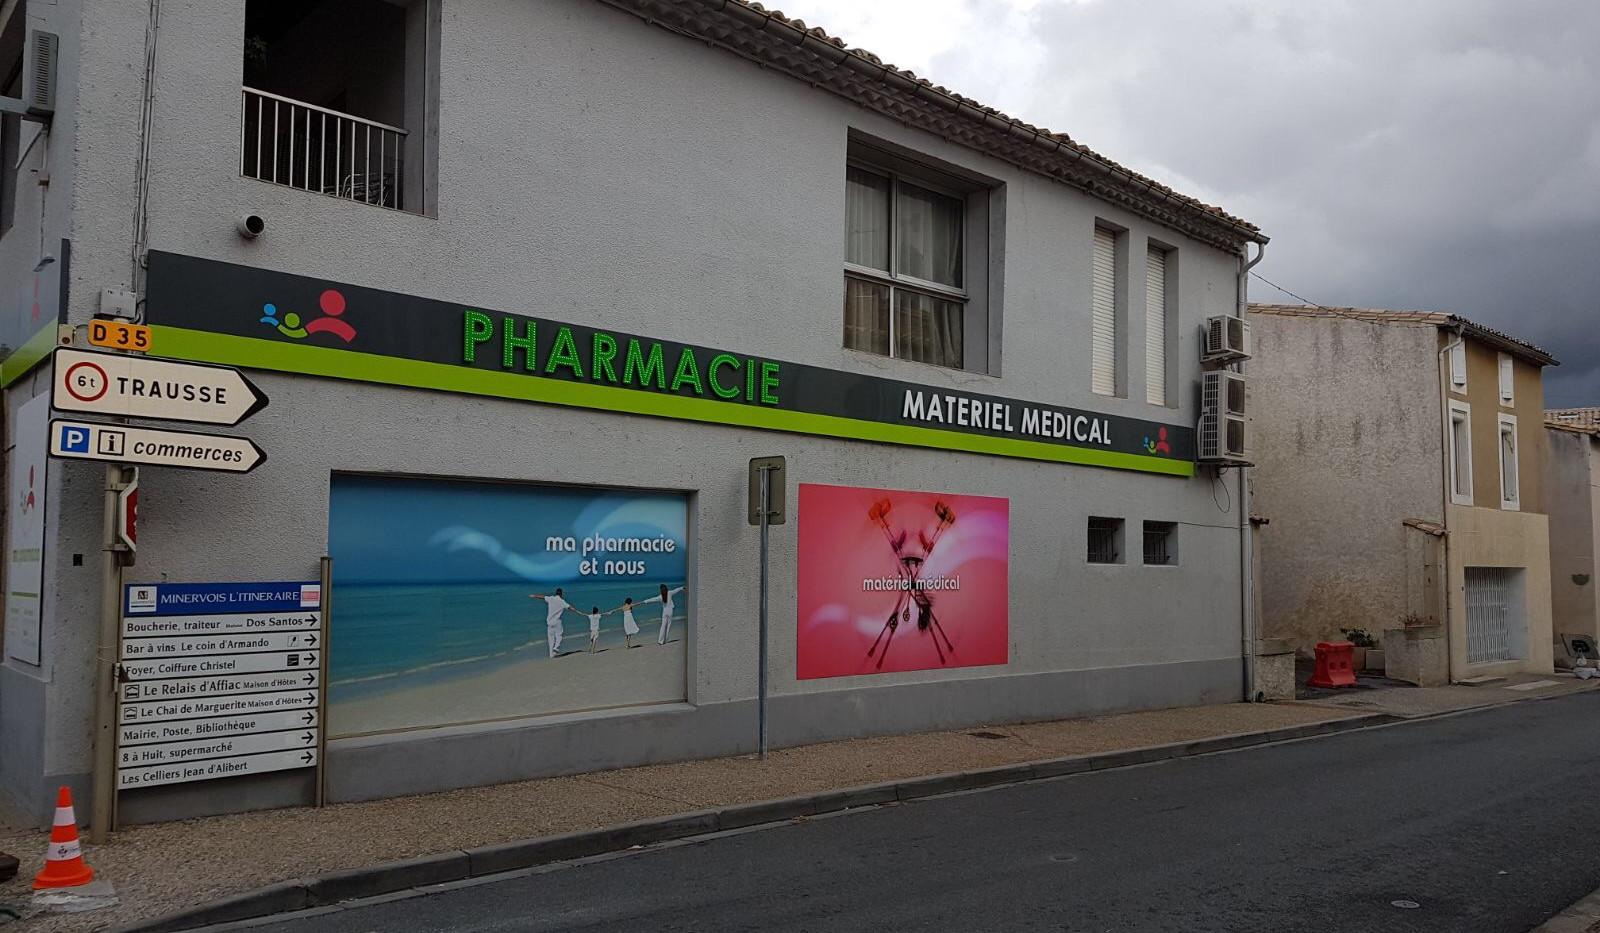 Enseigne_et_signalétique_pharmacie_(2).J